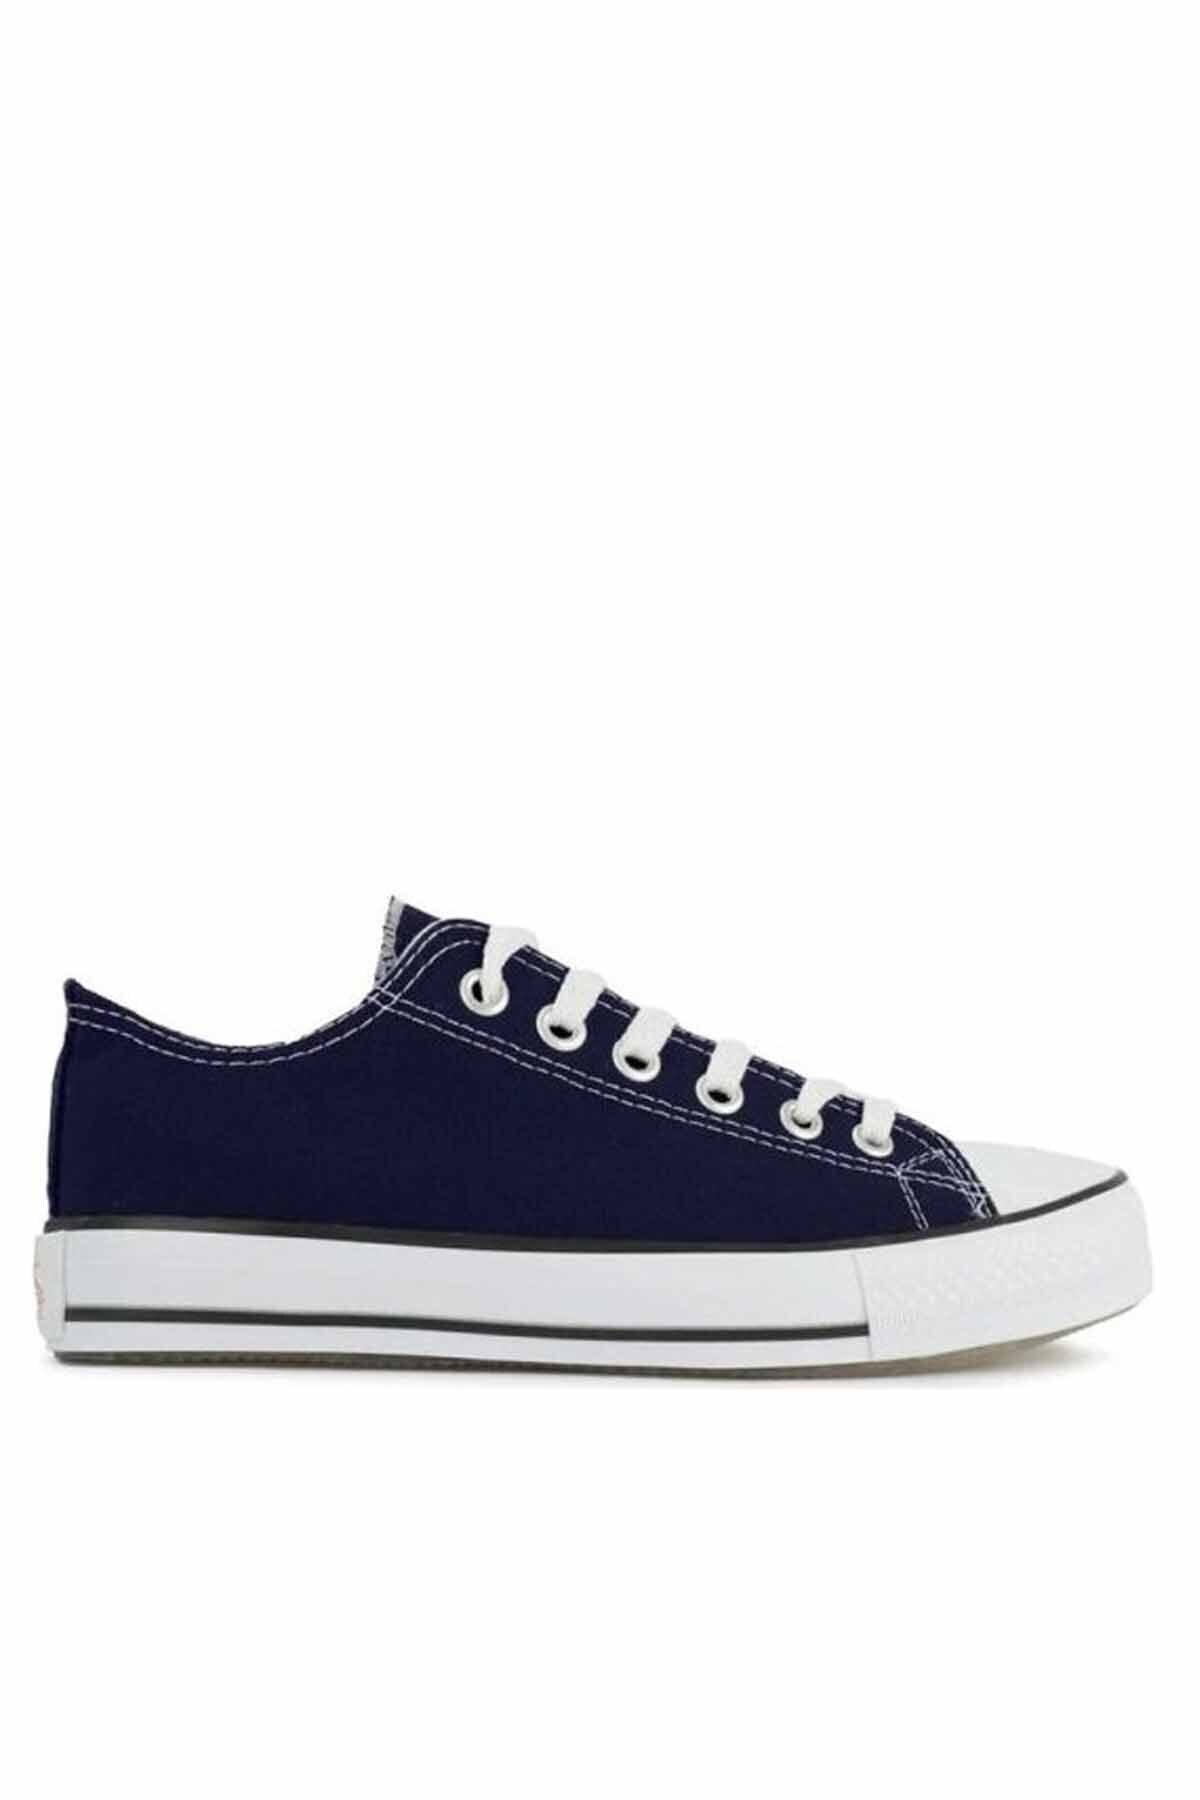 Sun Sneaker Kadın Ayakkabı Lacivert Sa11lk065